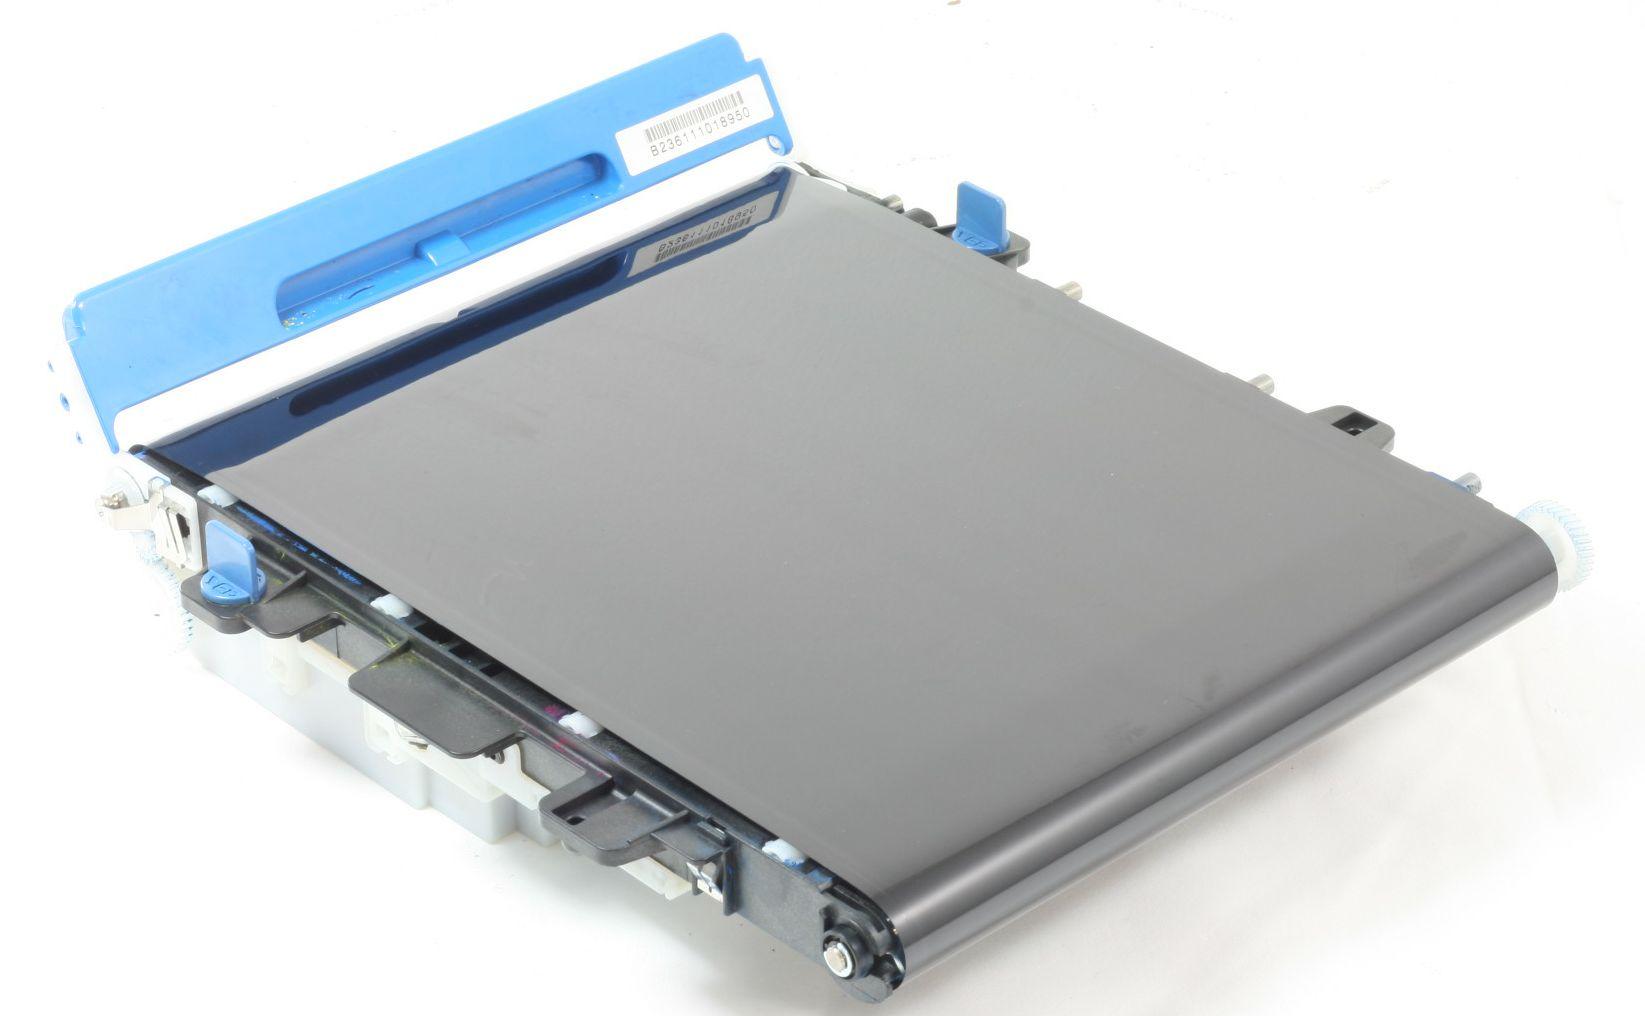 OKI 43363412 Transferband MC560 C5600 C5650 C5700 C5750 C5800 C5850 C5900 gebraucht